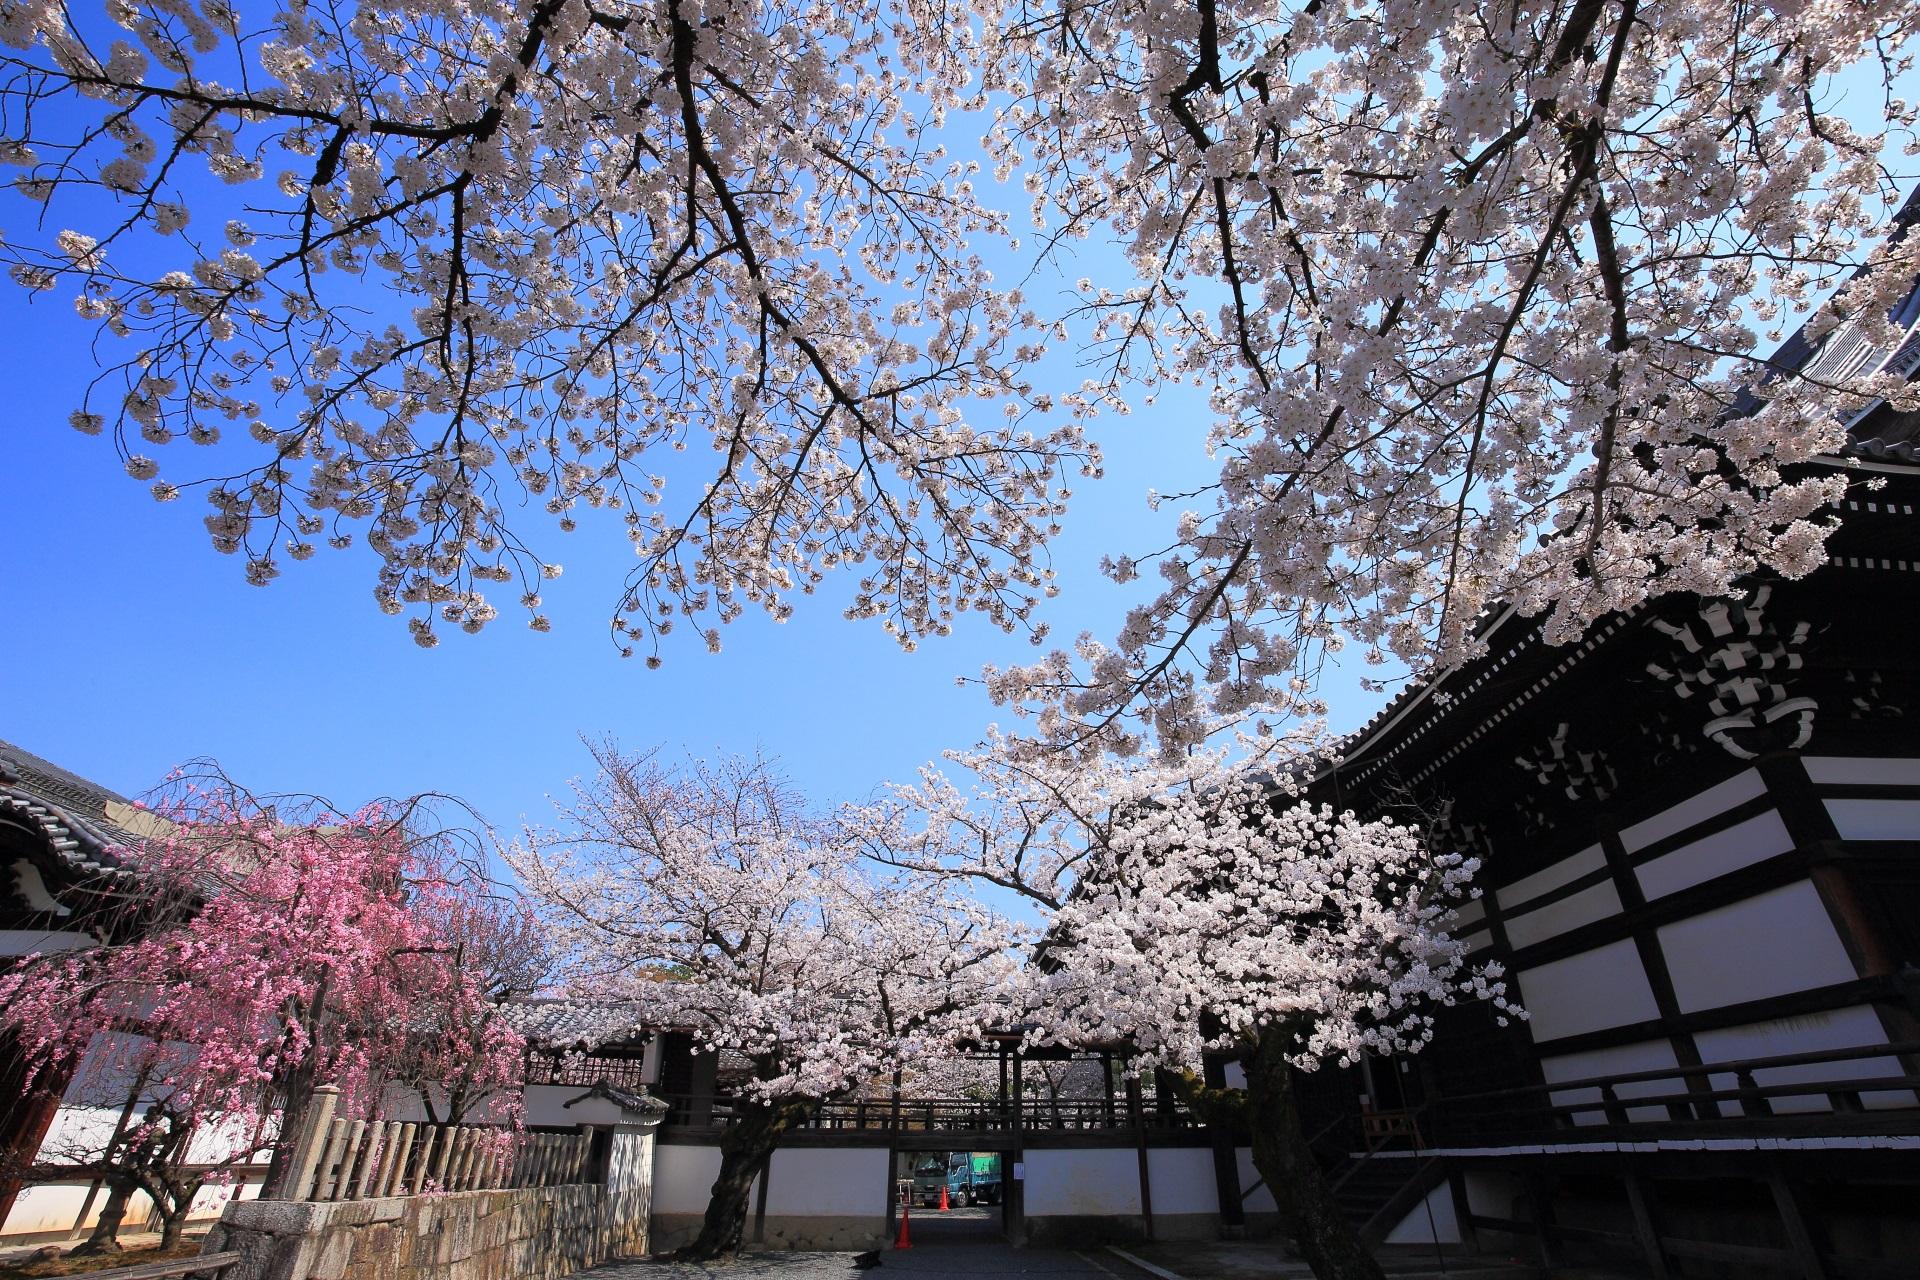 妙顕寺の素晴らしい桜と春色の情景